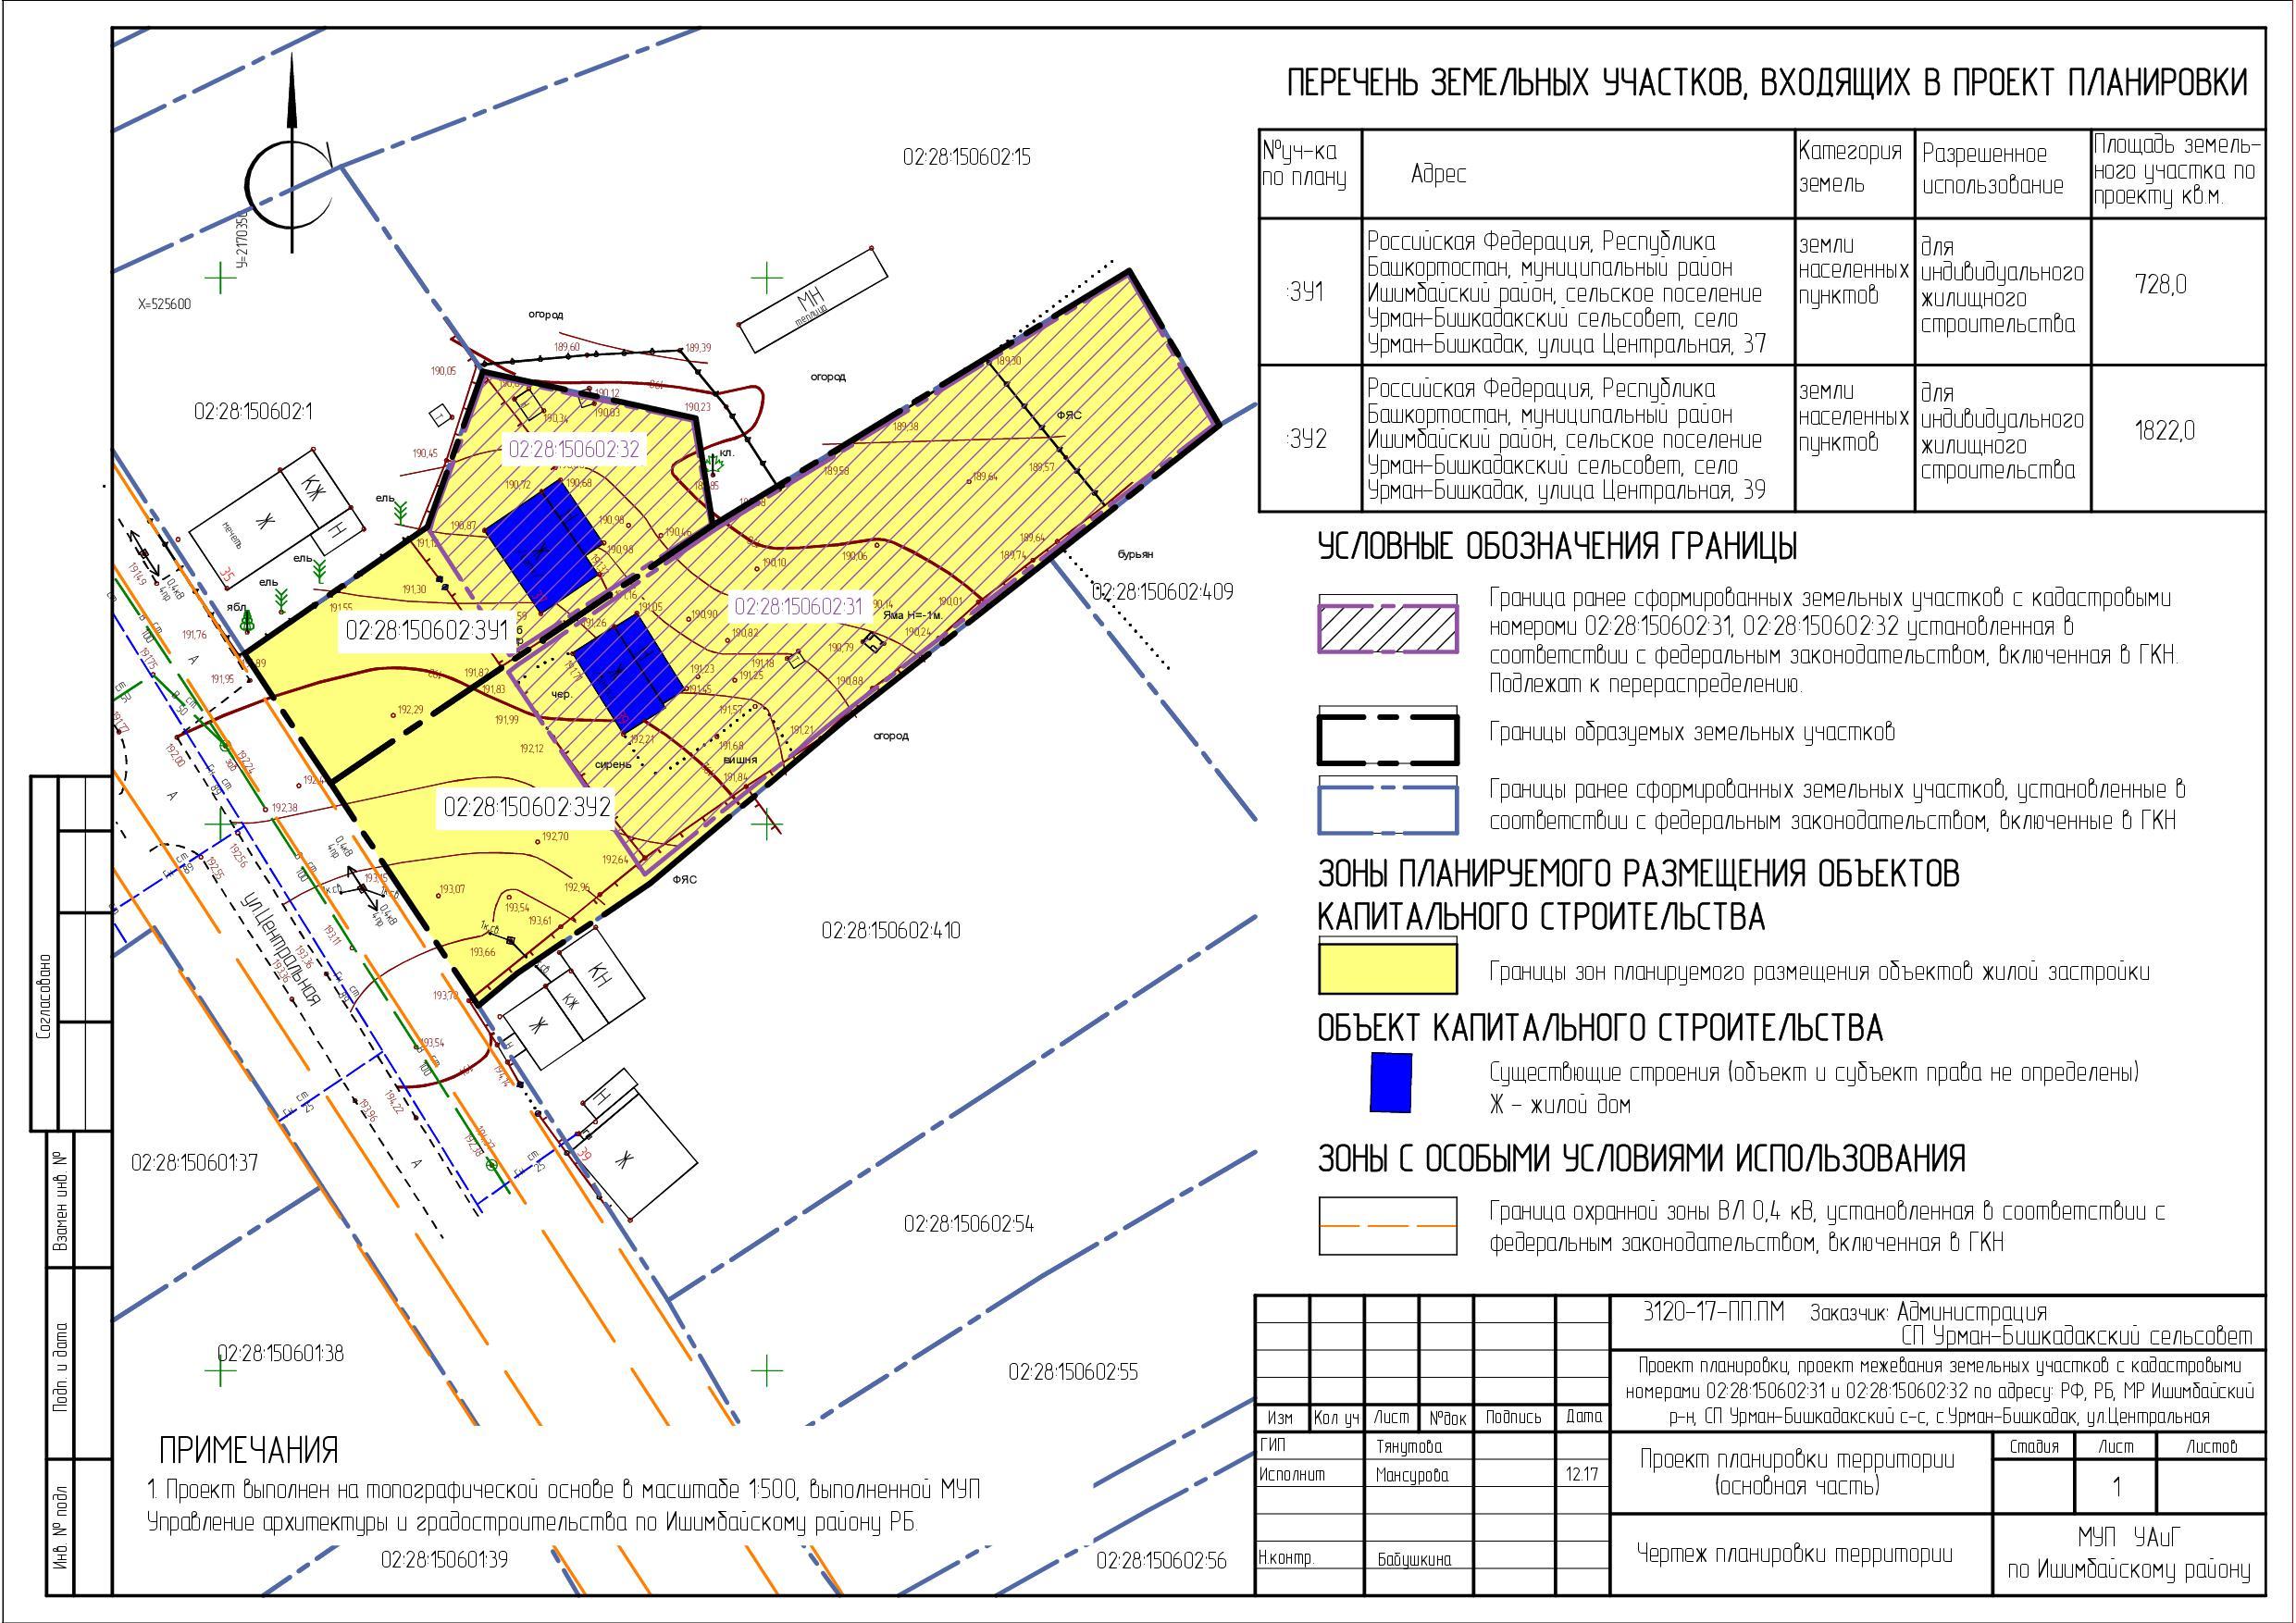 межевой план по разделу ранее учтенного земельного участка так конца